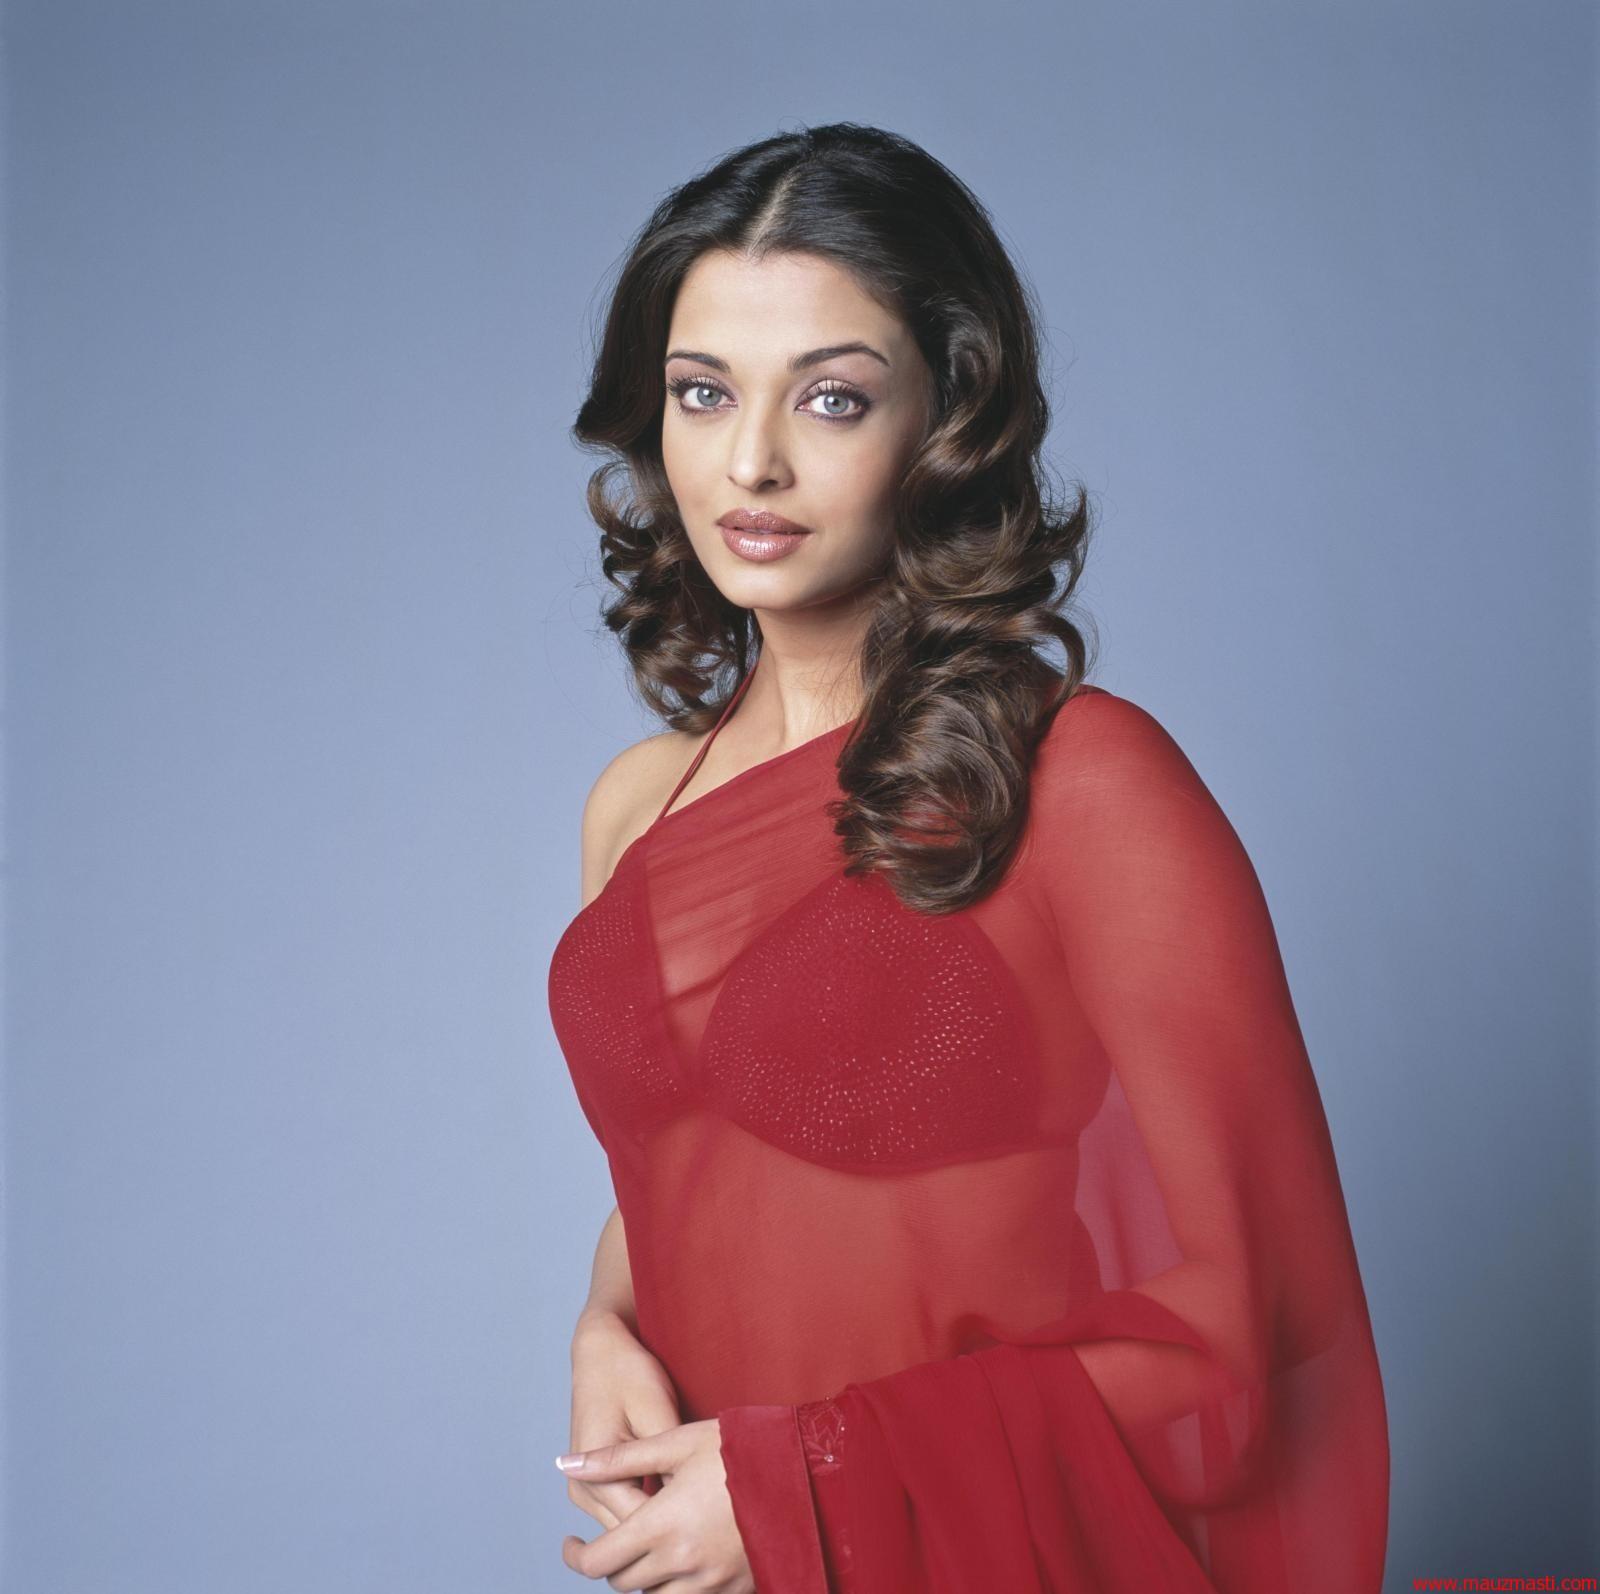 http://4.bp.blogspot.com/_RsmB9XMzpGM/TOoDJnzZzTI/AAAAAAAAC5I/Y7imzvI52tI/s1600/Aishwarya-Rai-Hot-in-Red-Saree-2.jpg